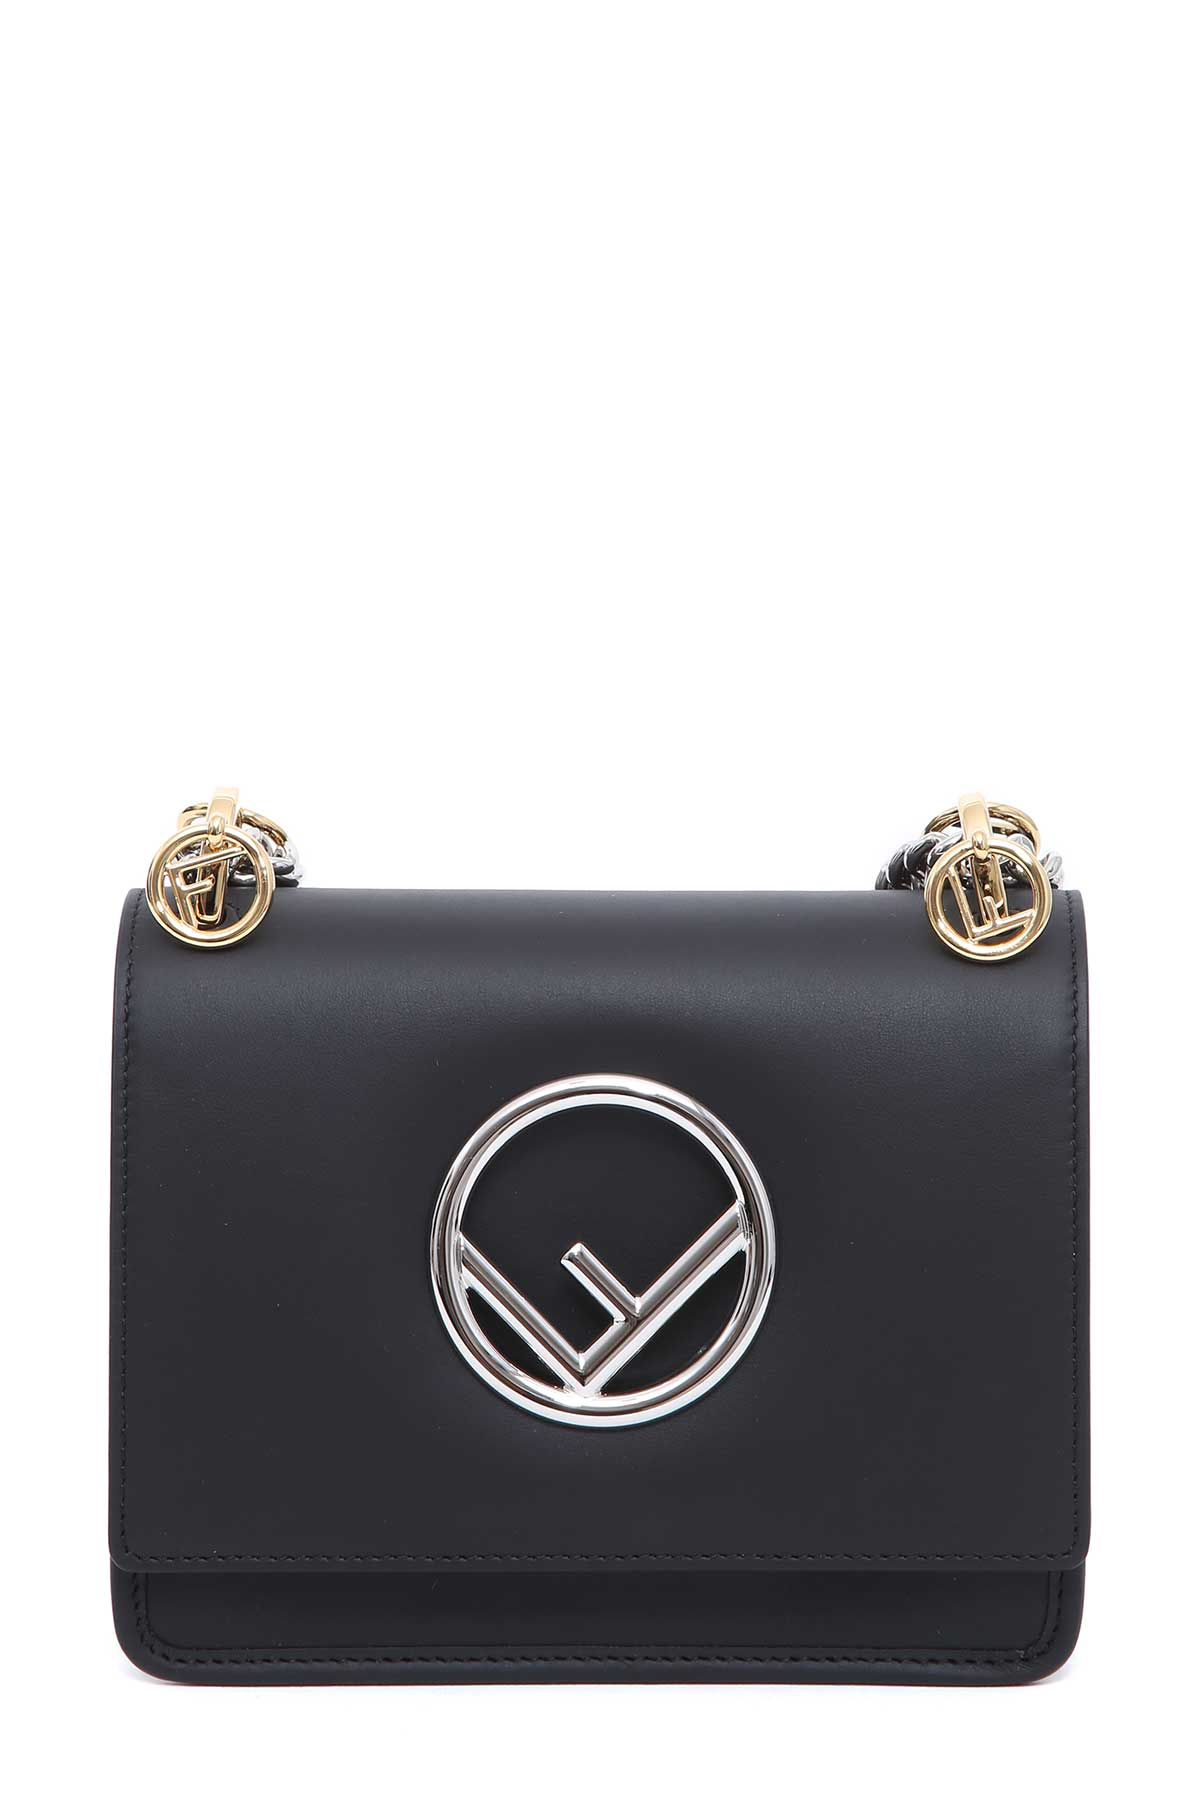 Fendi Fendi kan I F Small Handbag